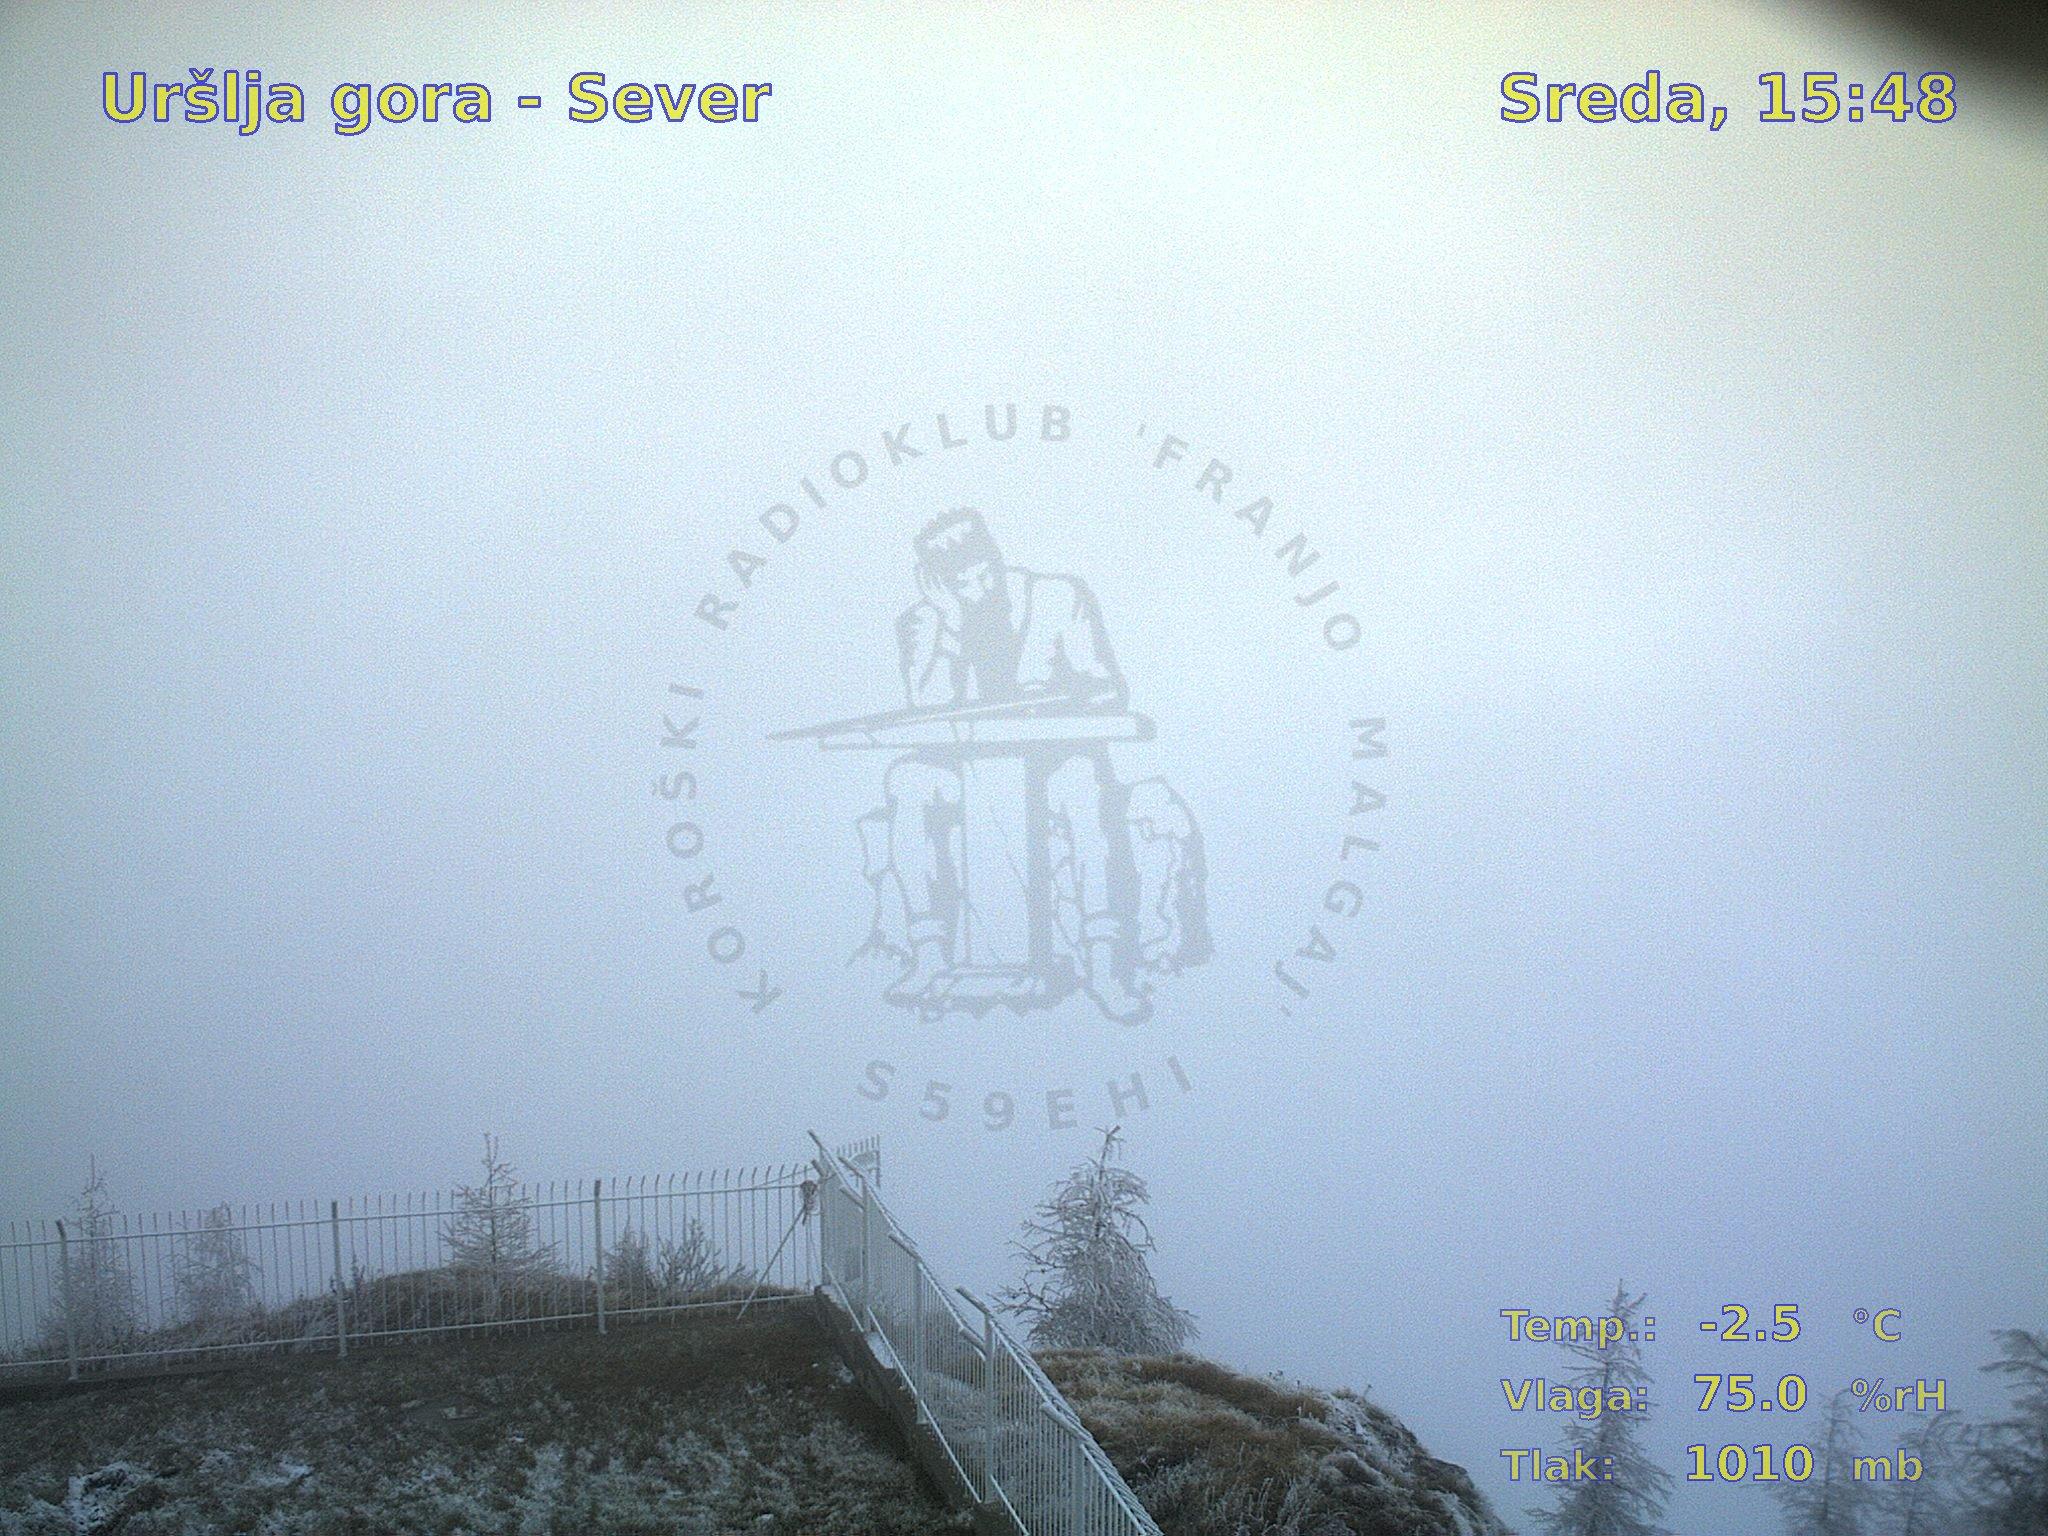 Uršlja gora-Sever, 15:00